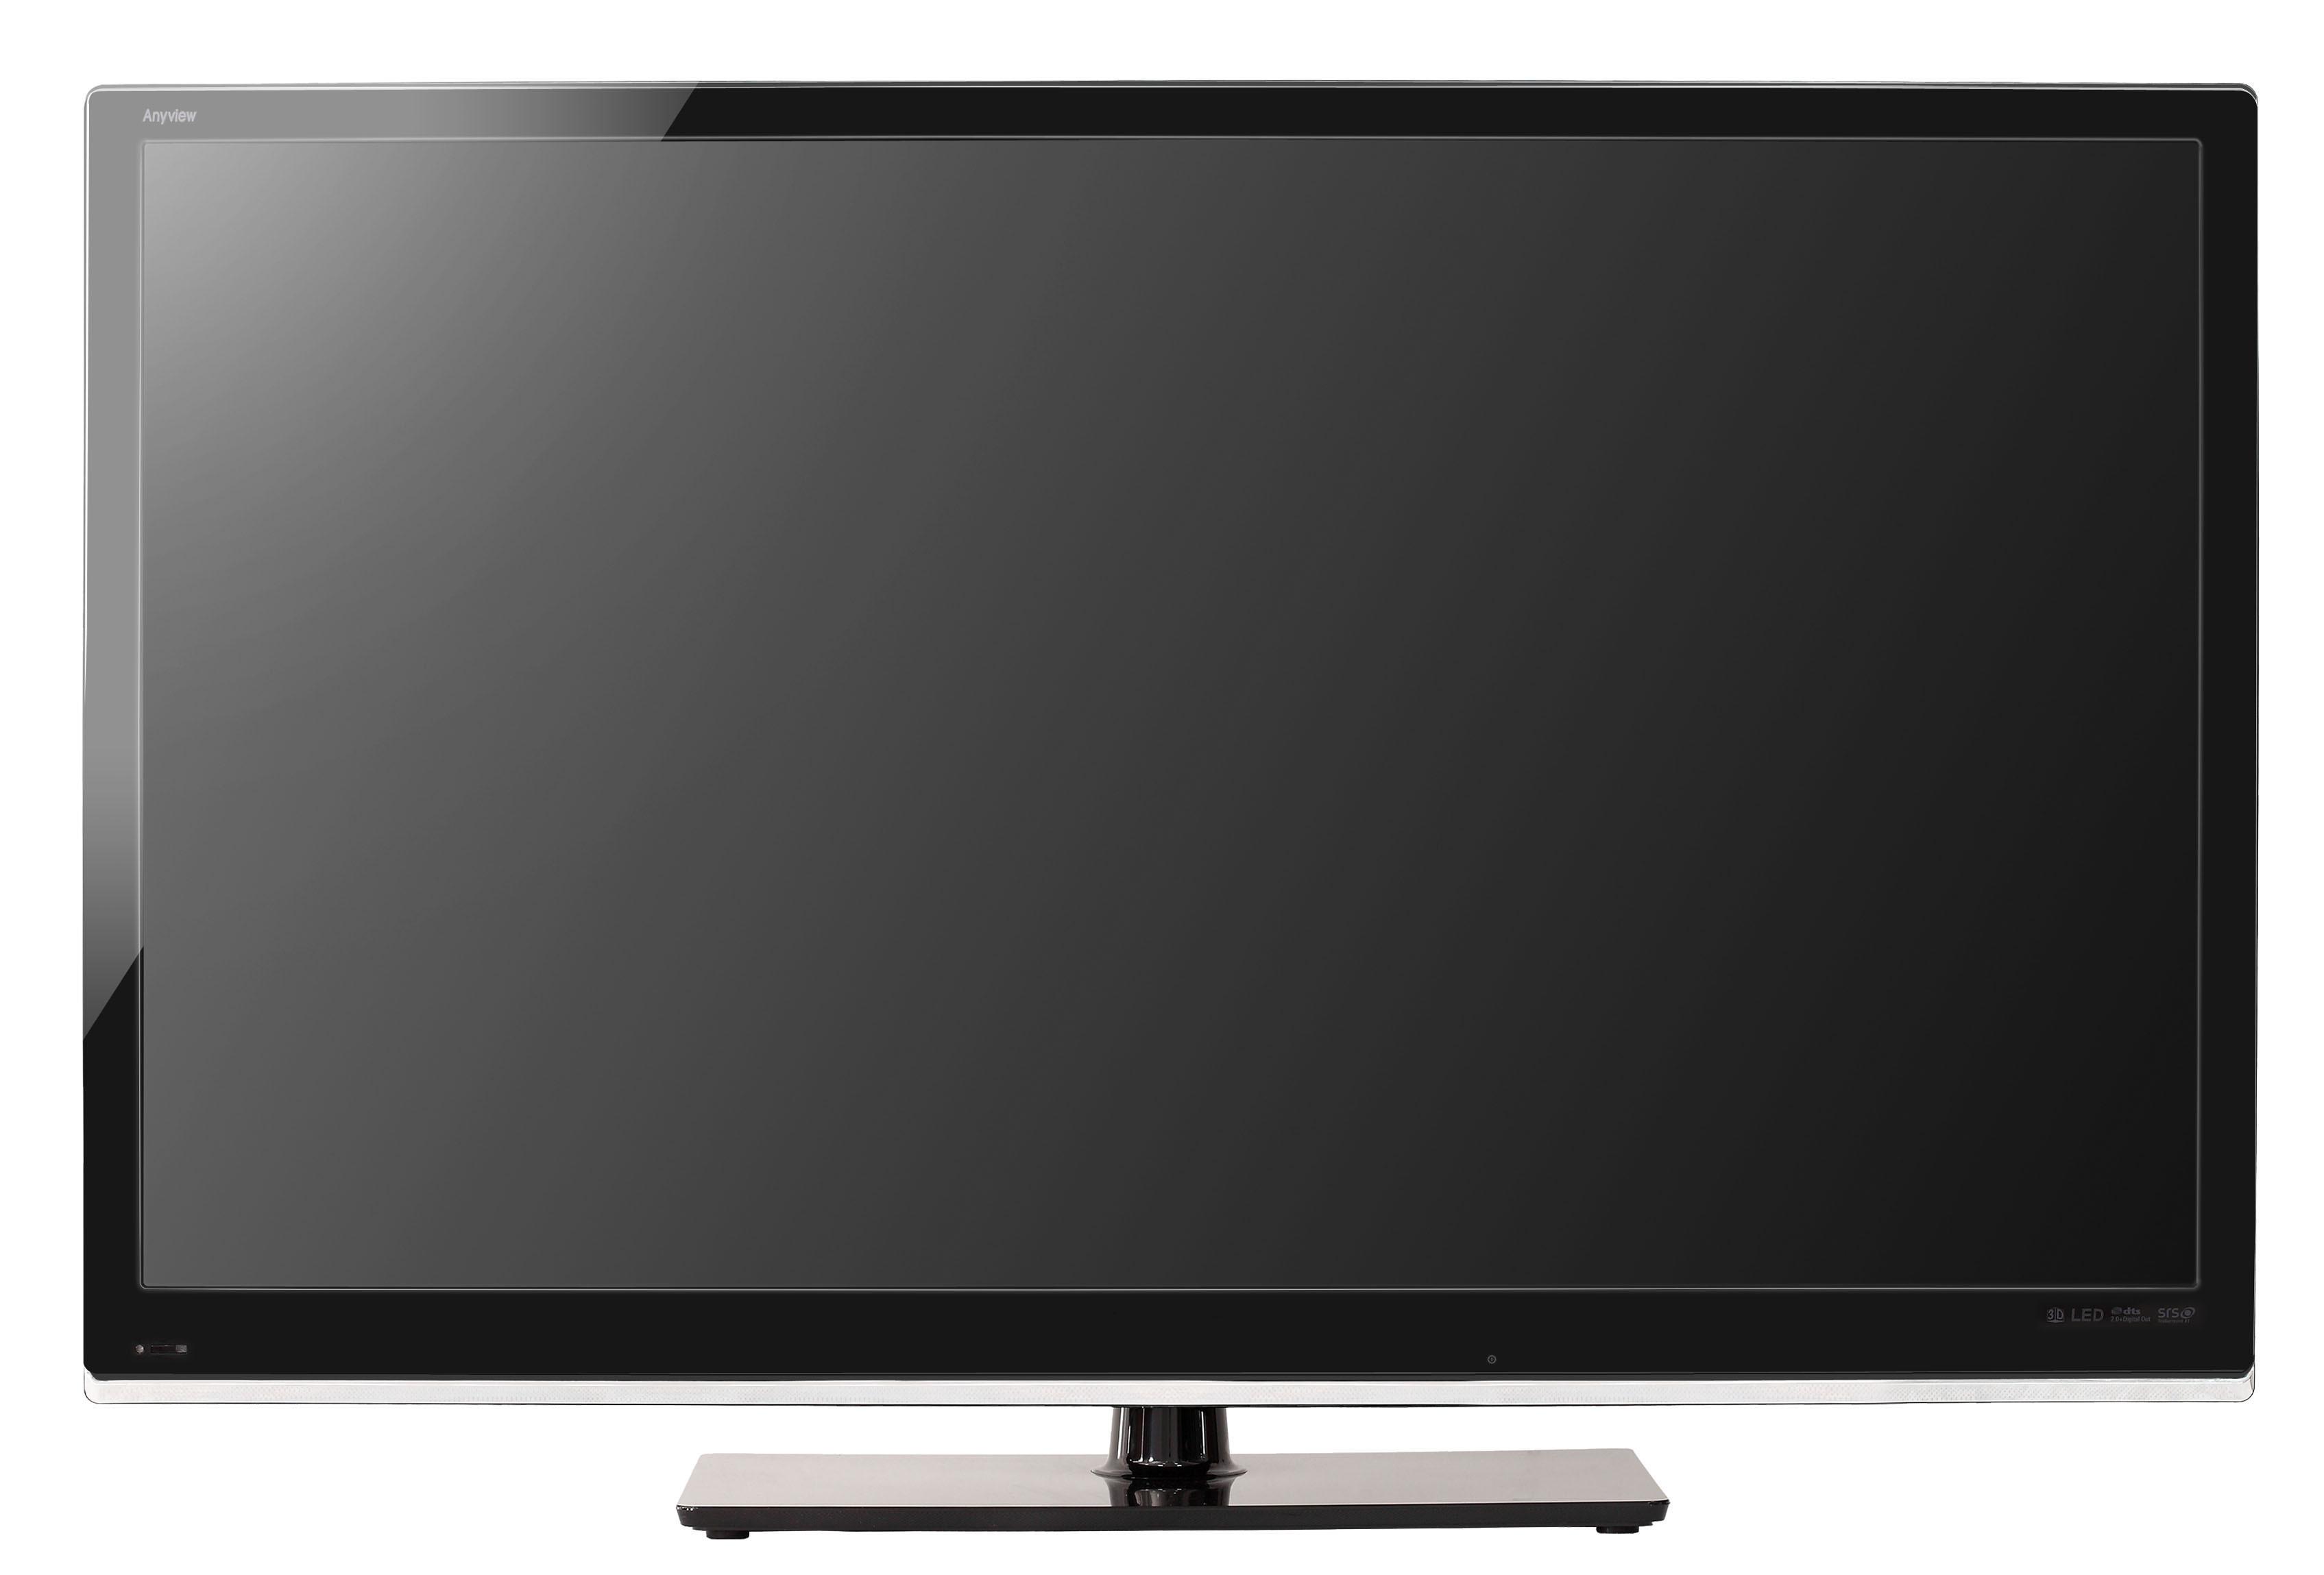 Televisi n barata de la pulgada led de la pantalla plana - Television pequena plana ...